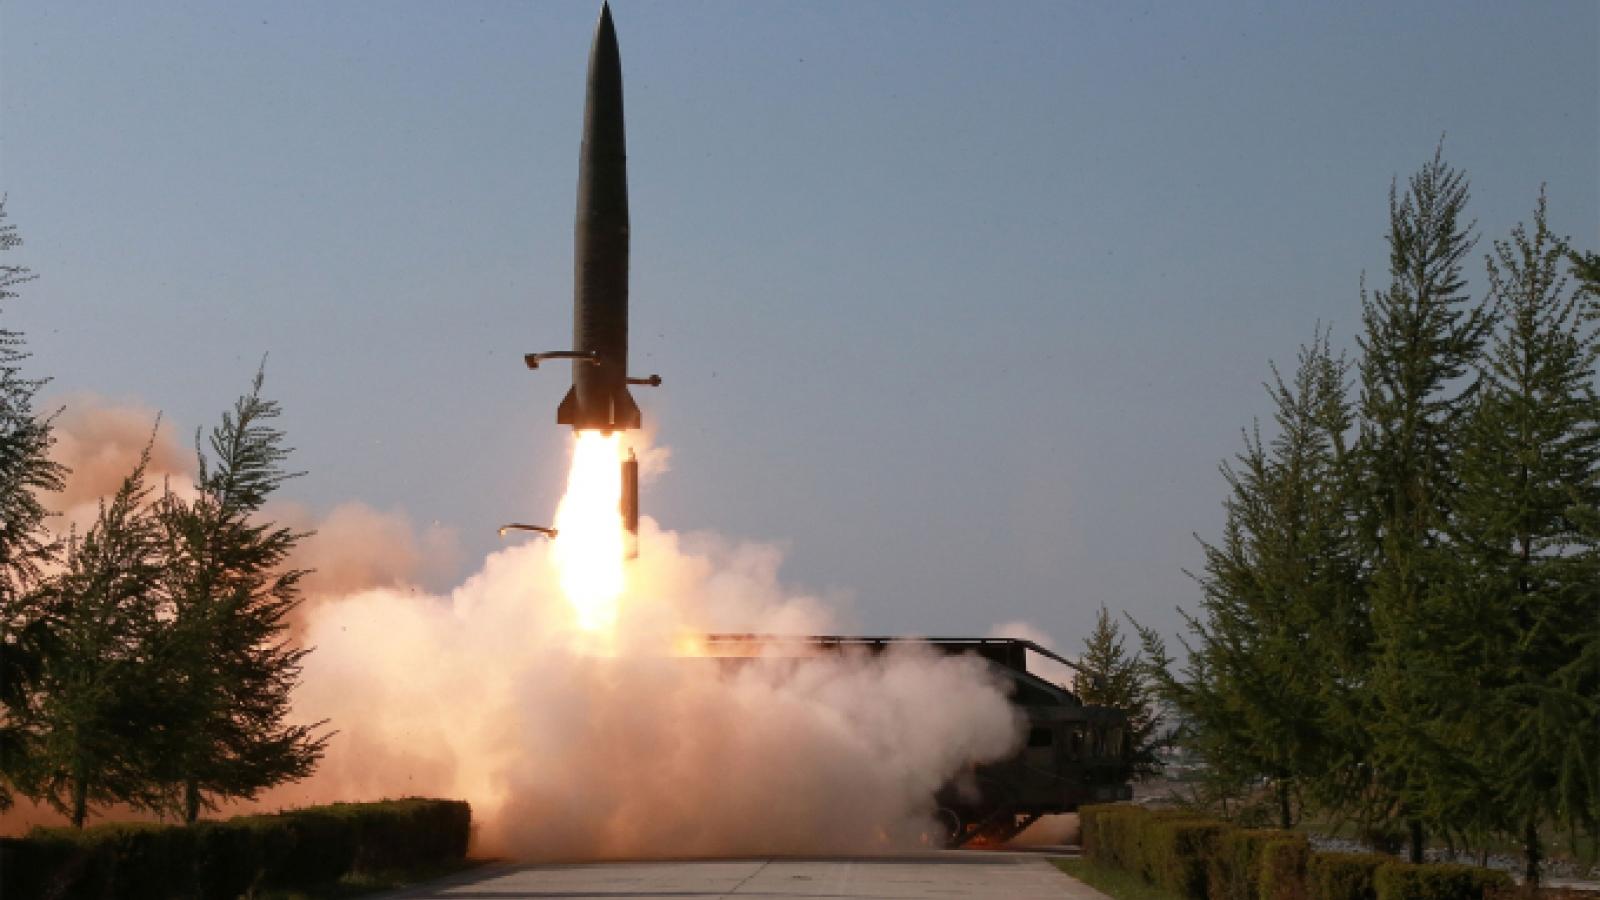 Mỹ: Vụ phóng tên lửa mới nhất của Triều Tiên không gây đe dọa tức thời